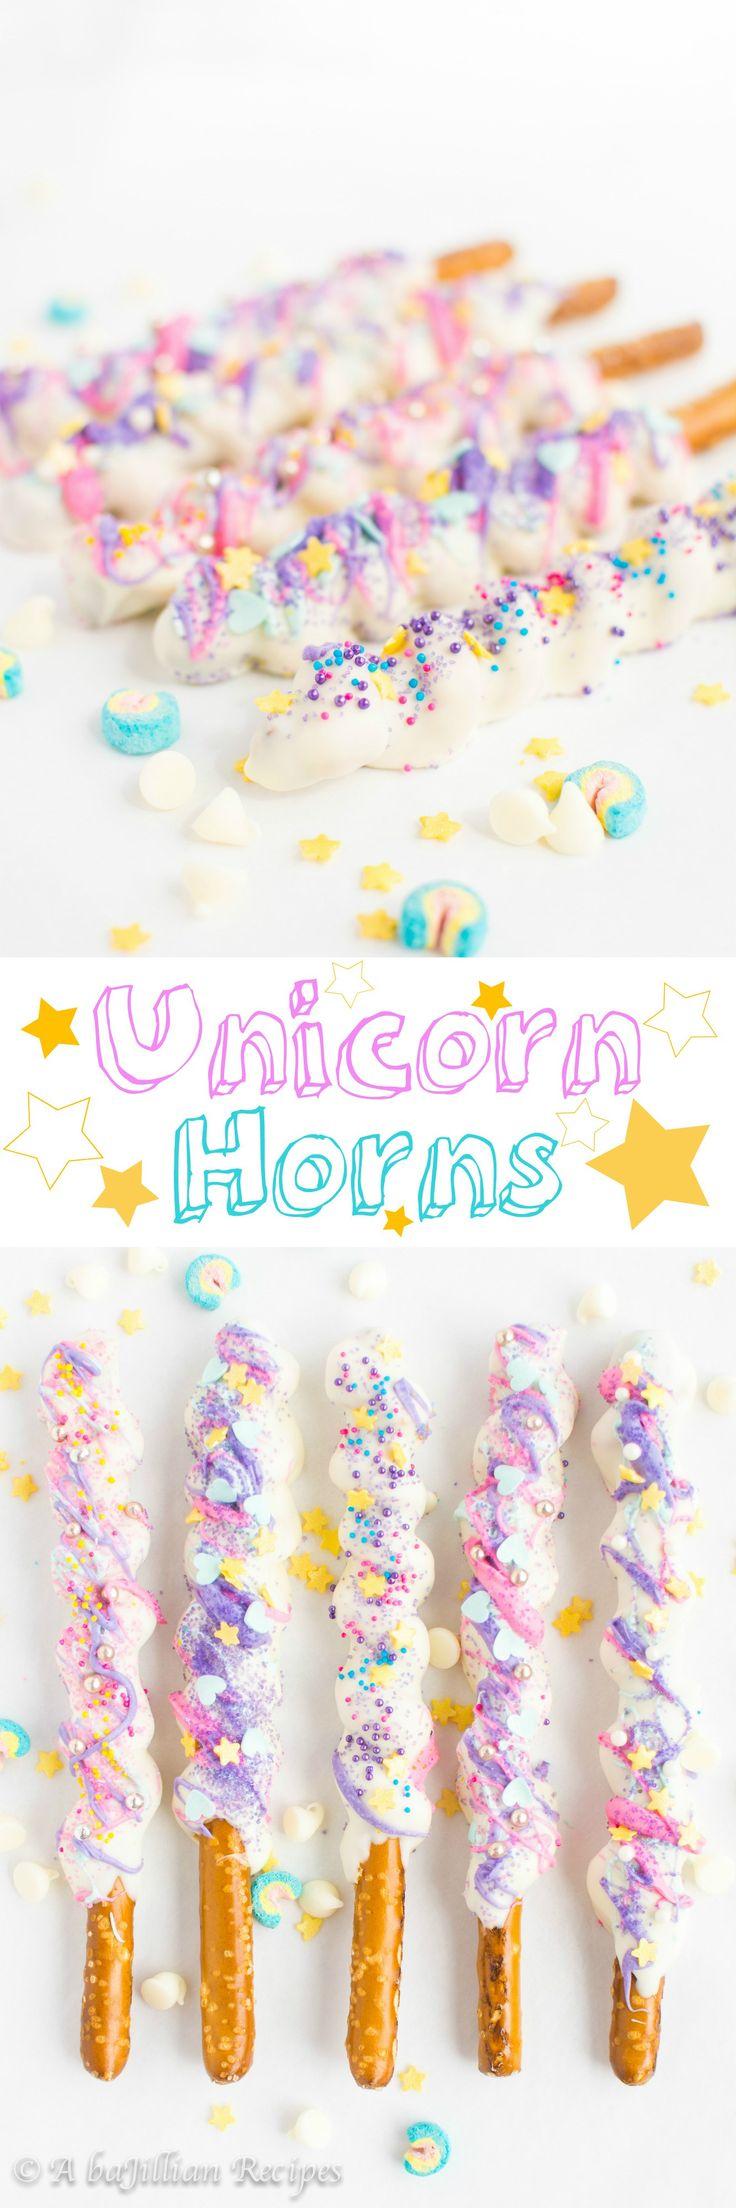 Unicorn Horns | A baJillian Recipes